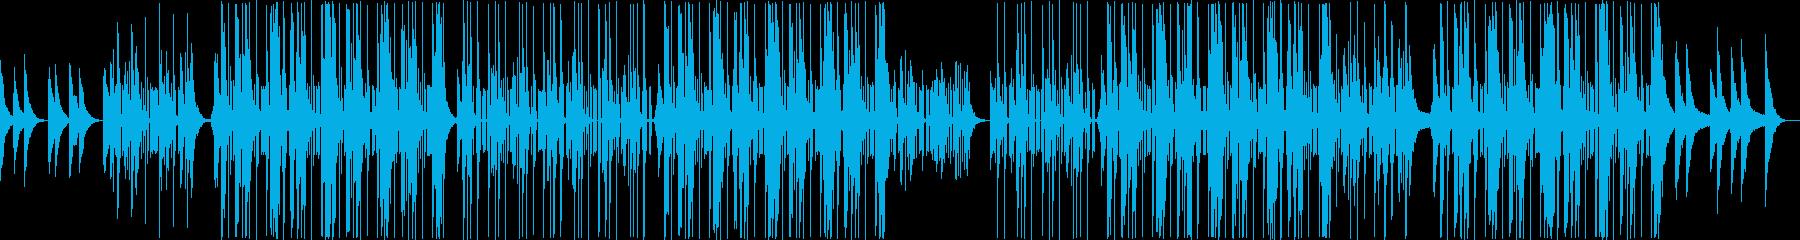 90年代R&Bと、トラップビートの融合の再生済みの波形